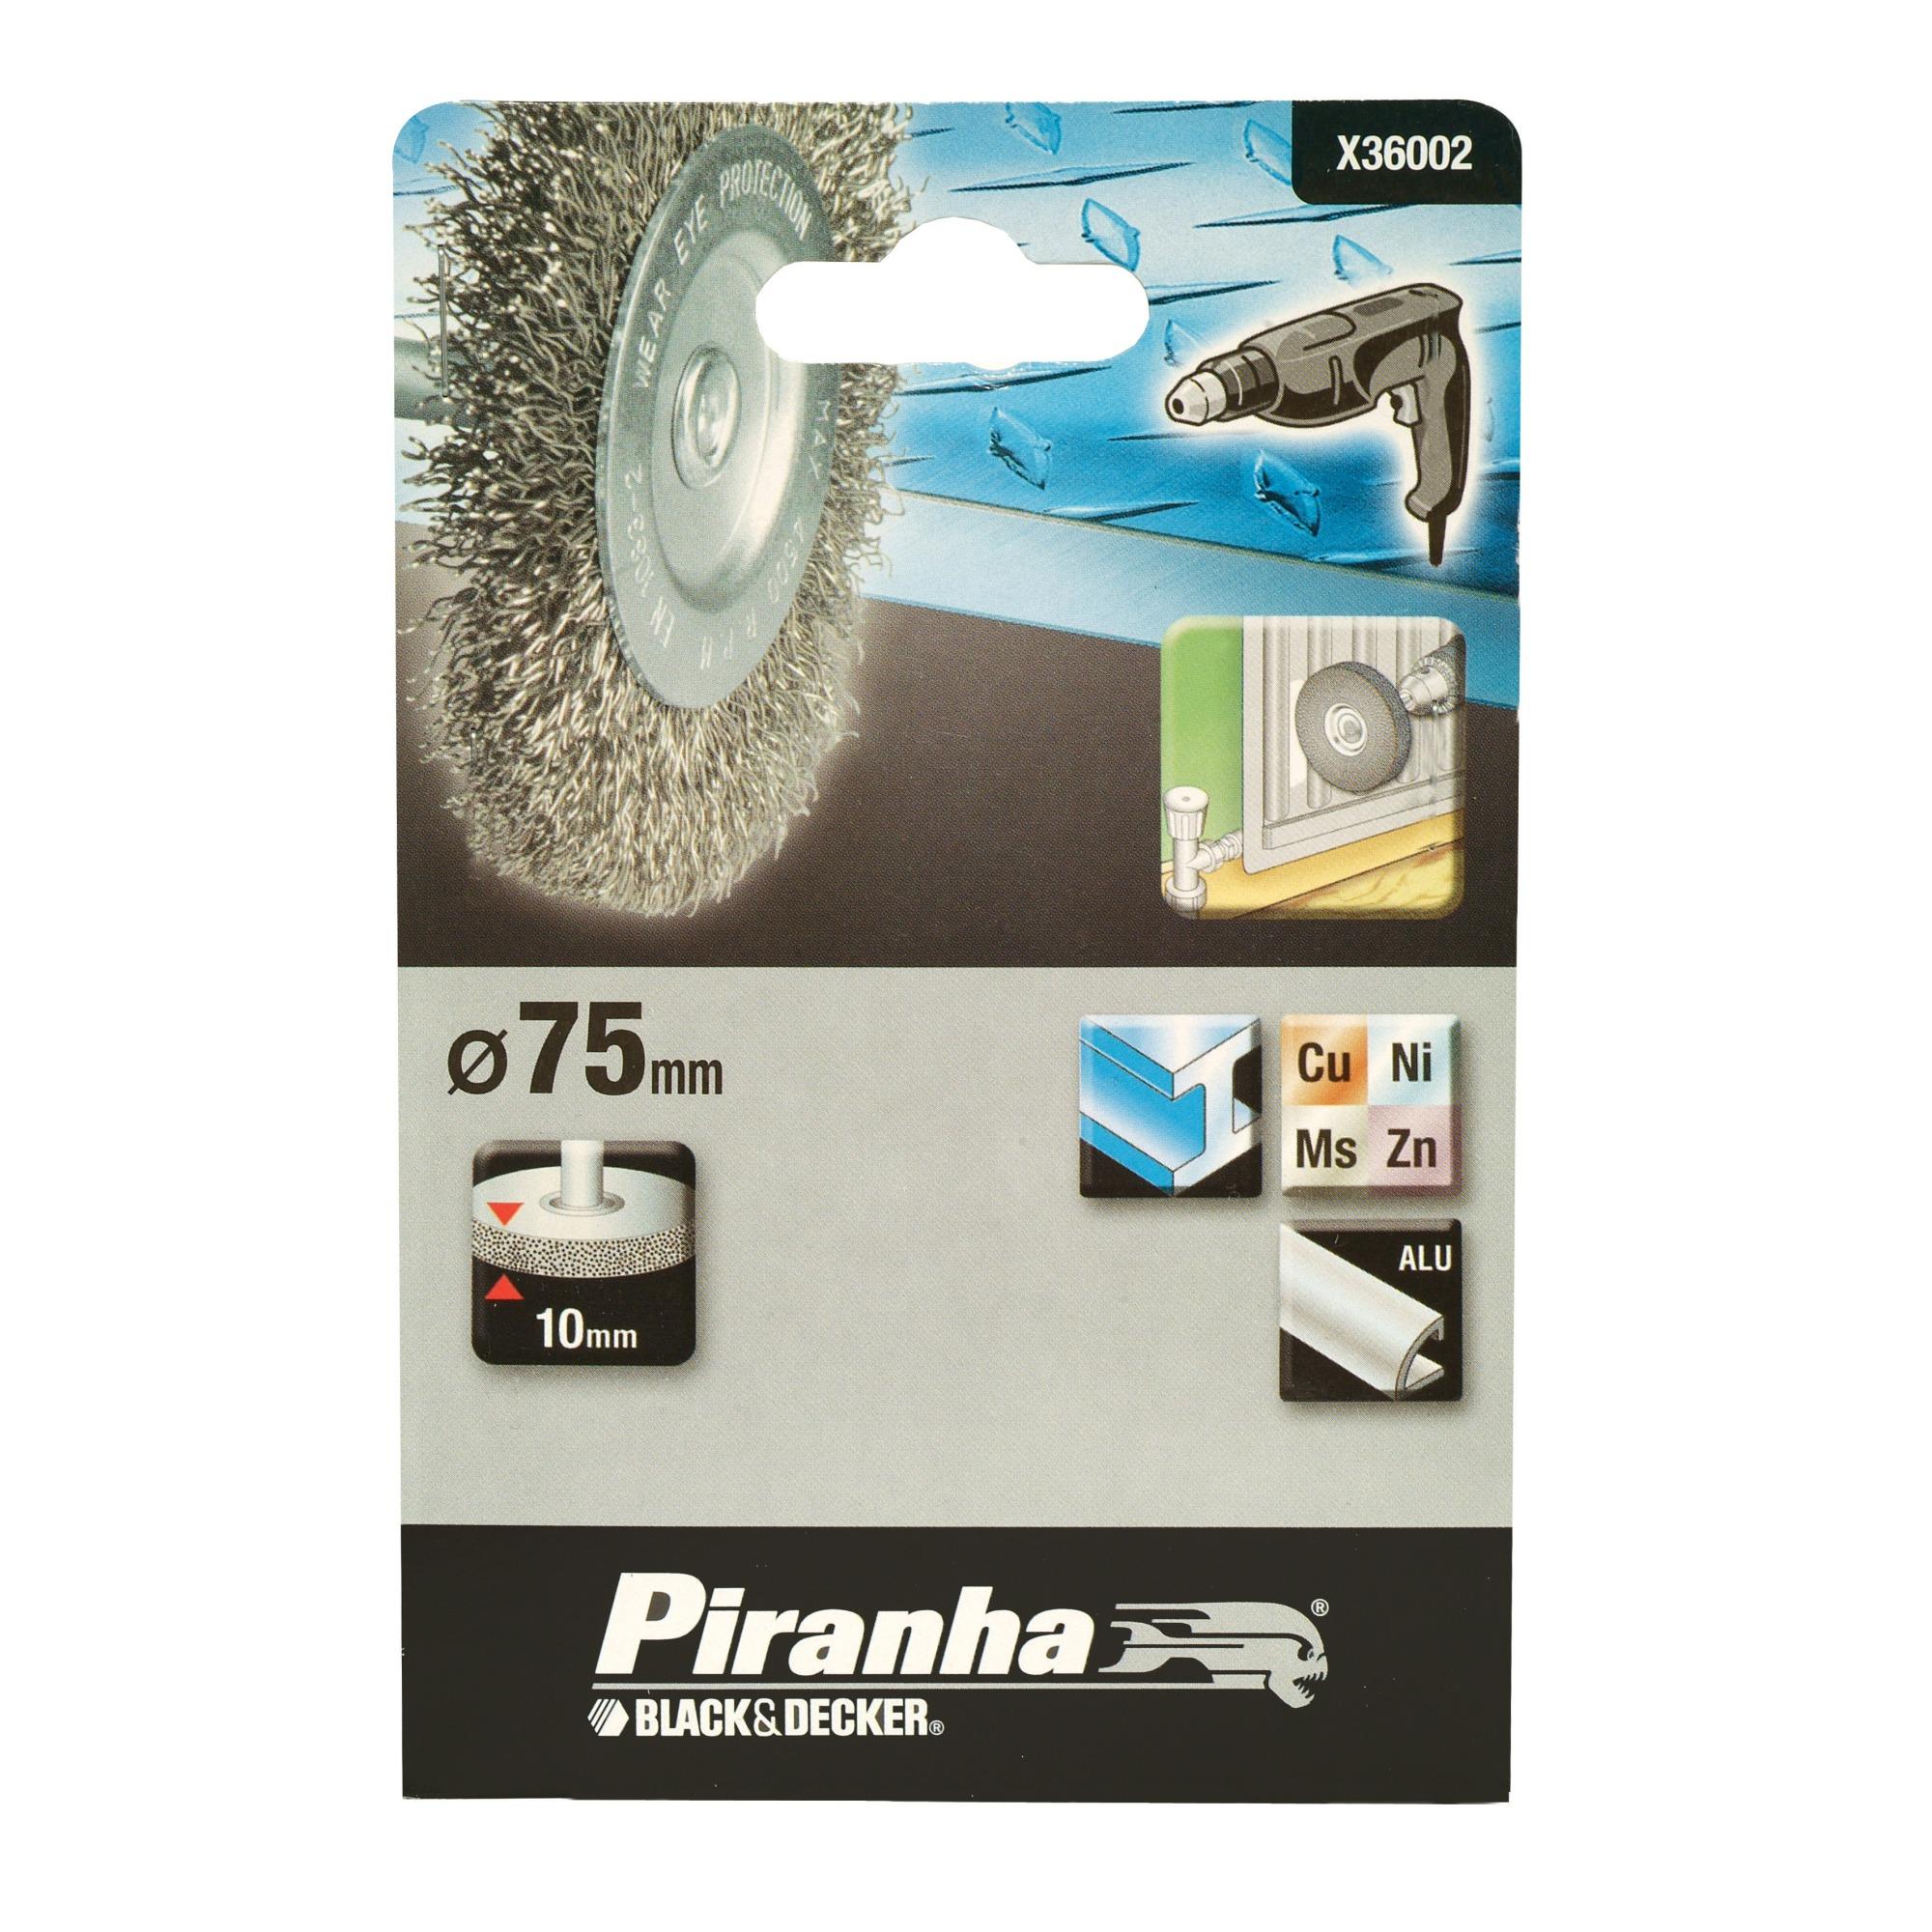 Piranha staaldraadborstel X36002 75 mm voor metaal